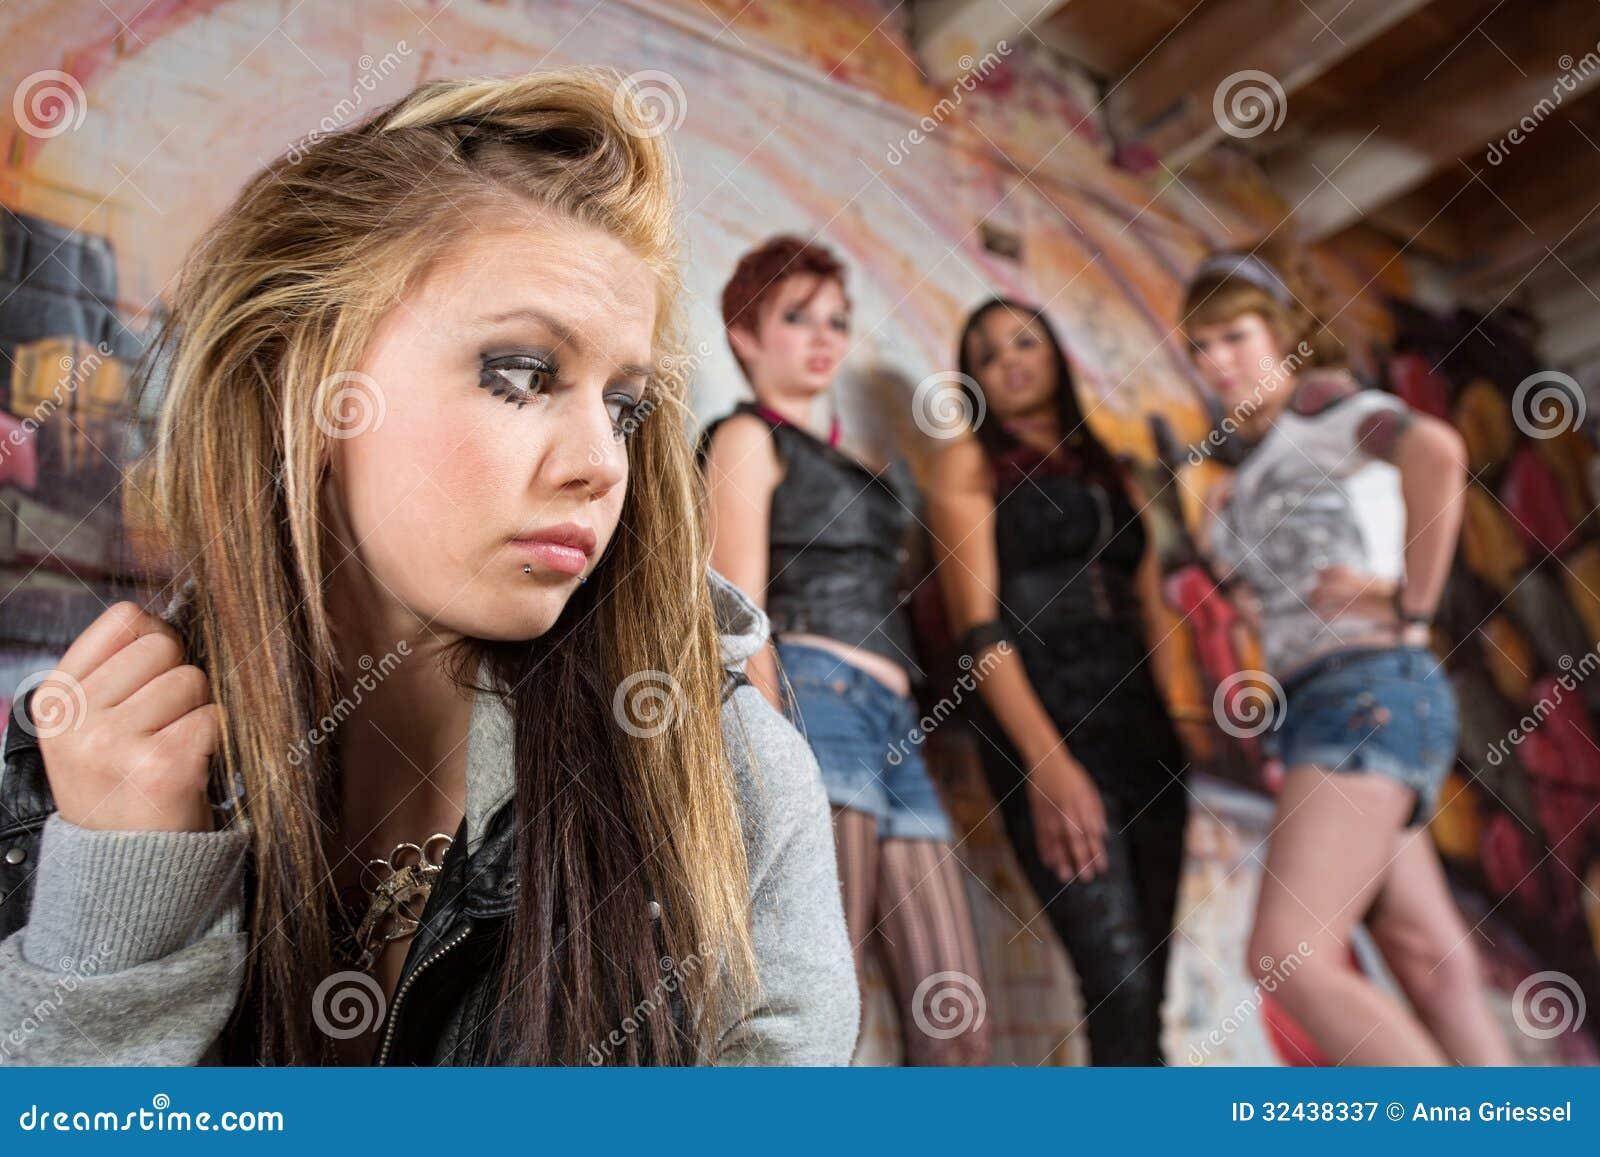 people teen girl